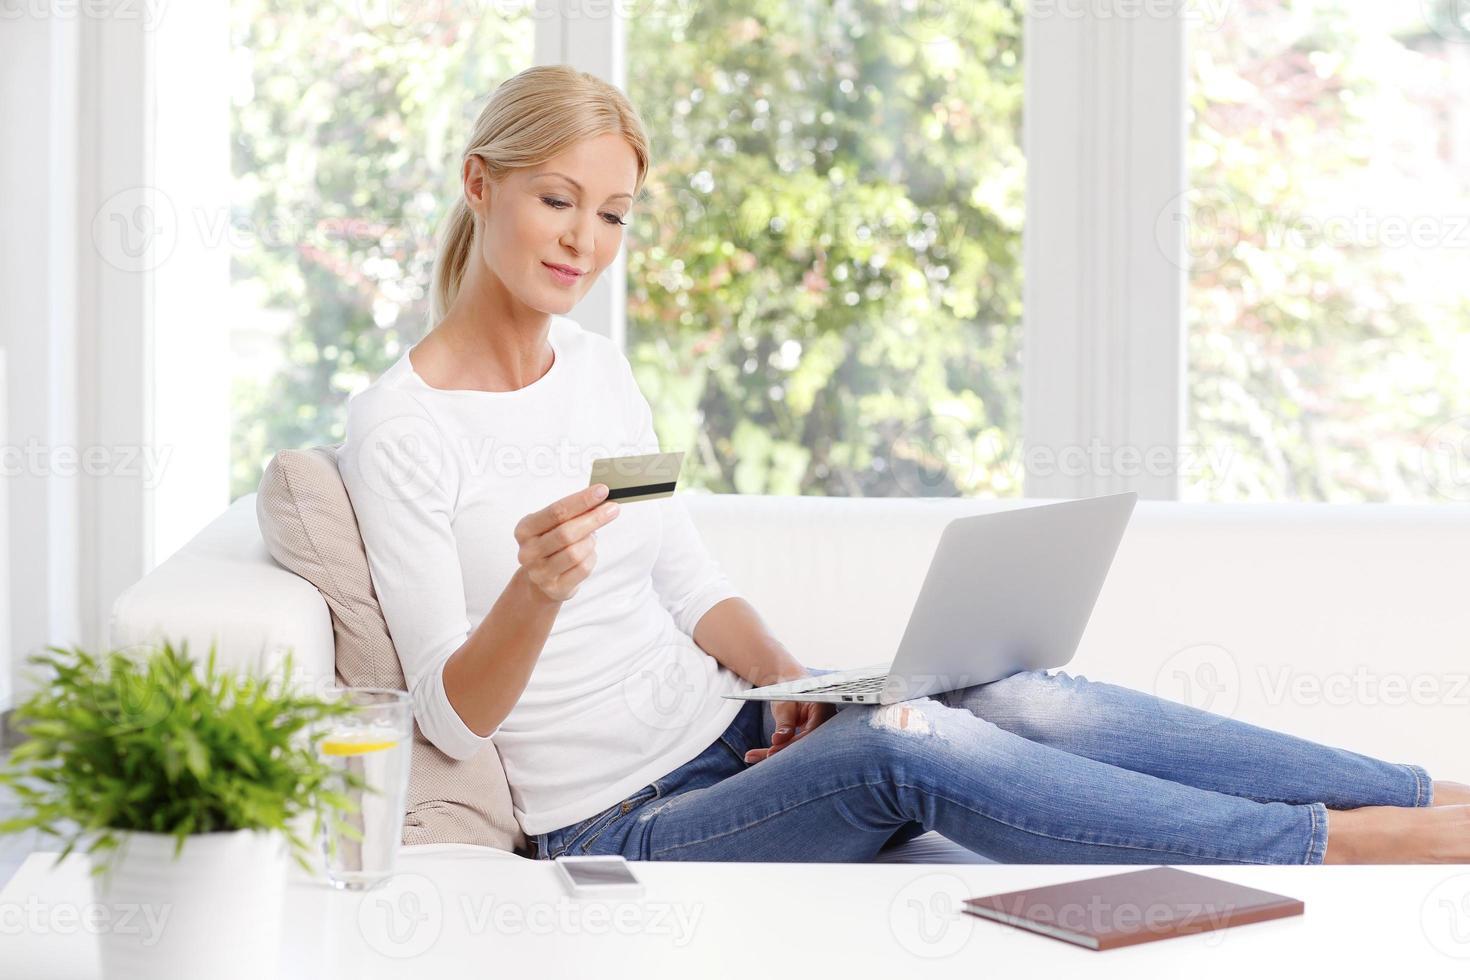 compras online em casa foto